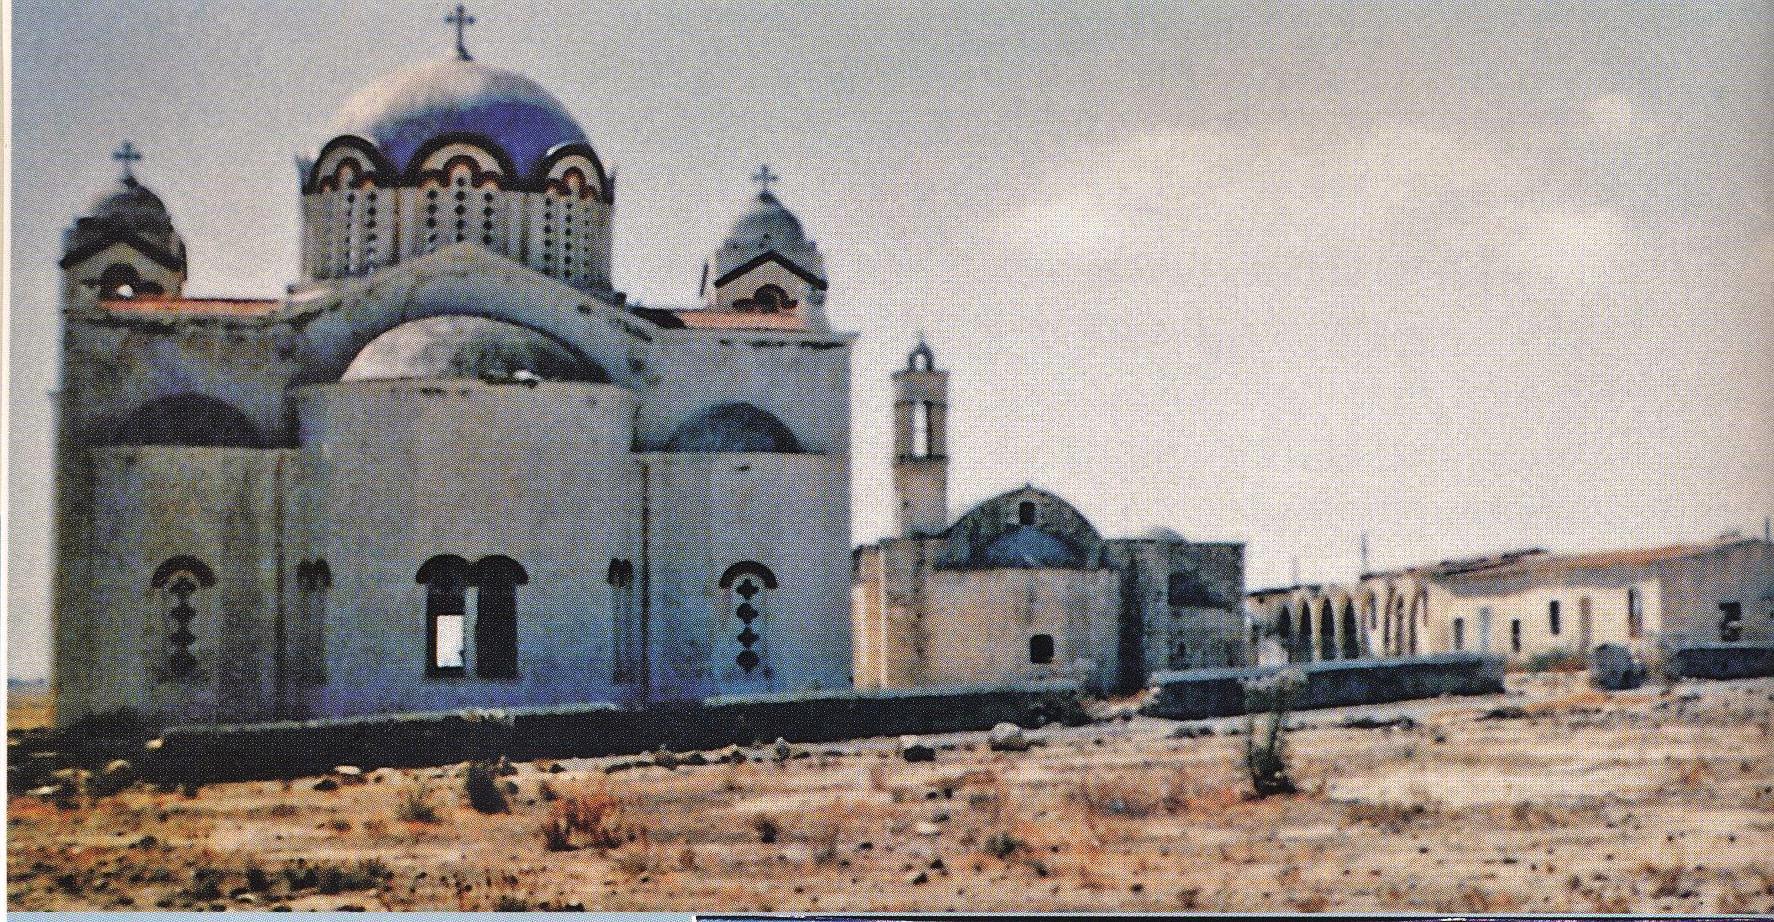 Η καινούρια και η παλιά μοναστηριακή εκκλησία του Αγίου Αναστασίου. Στη βόρεια πλευρά της παλιάς εκκλησίας διακρίνονται δύο καμάρες του μοναστηριού. Η παλιά μοναστηριακή εκκλησία, όπως αναφερόταν σε επιγραφή που βρισκόταν μέχρι το 1974 πάνω από την νότια θύρα, κτίστηκε εκ βάθρων το 1755 με δαπάνες του ομοχωρίου Αγίου Παναρέτου και των κατοίκων. Η νέα εκκλησία κτίστηκε το 1952. Μετά την τουρκική εισβολή και οι δύο εκκλησίες, αφού συλήθηκαν, βεβηλώθηκαν και χρησιμοποιήθηκαν ως στάβλοι, υπέστησαν με την πάροδο του χρόνου σοβαρές ζημιές, οι οποίες δυστυχώς γίνονται ολοένα και σοβαρότερες, ένεκα της συνεχιζόμενης τουρκικής κατοχής.